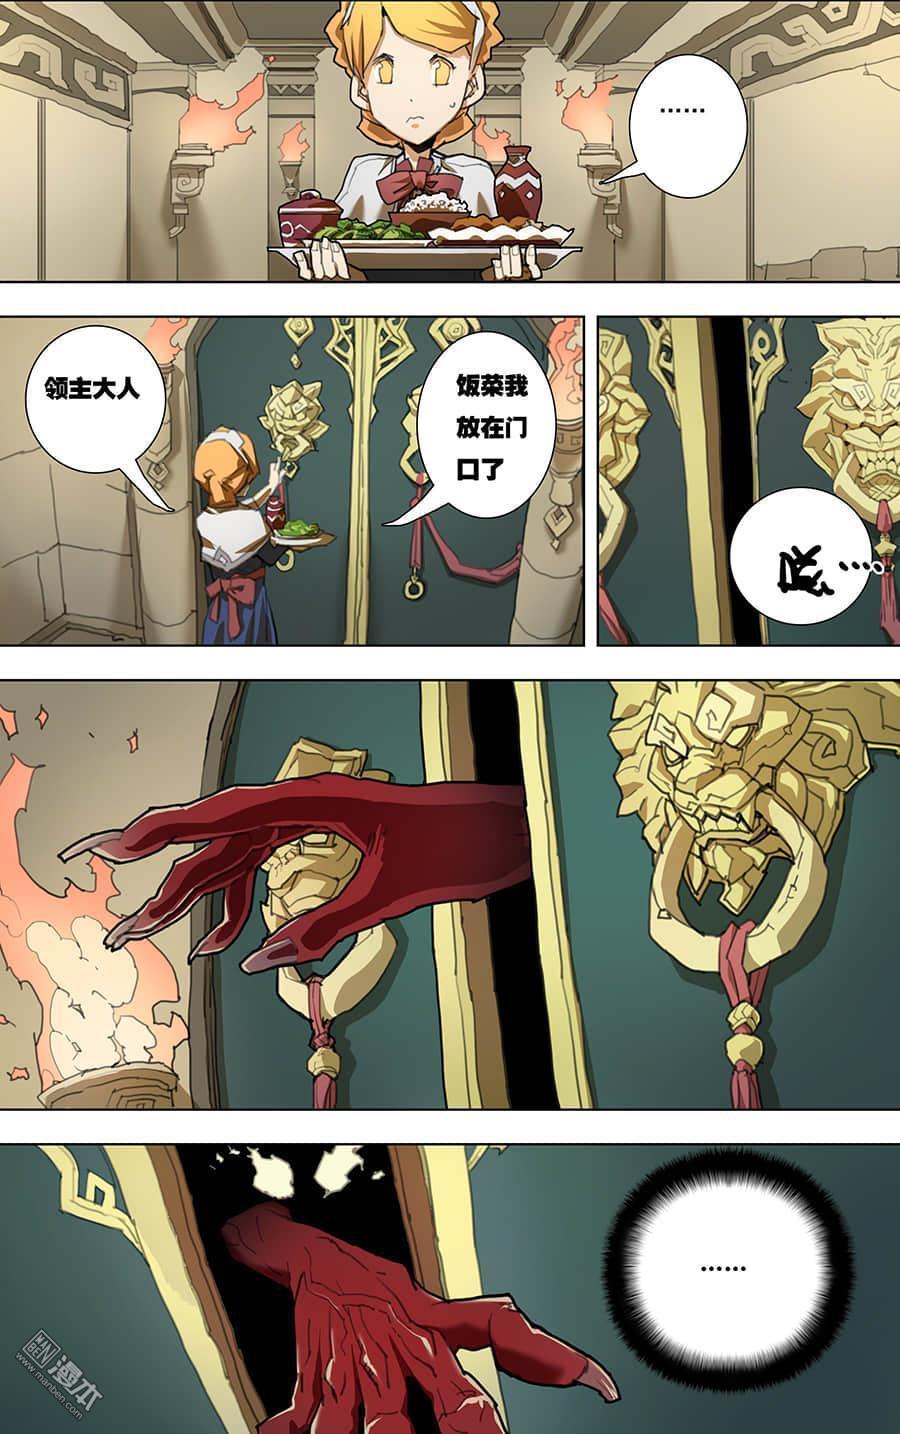 雪鹰领主漫画1~3话在线免费观看